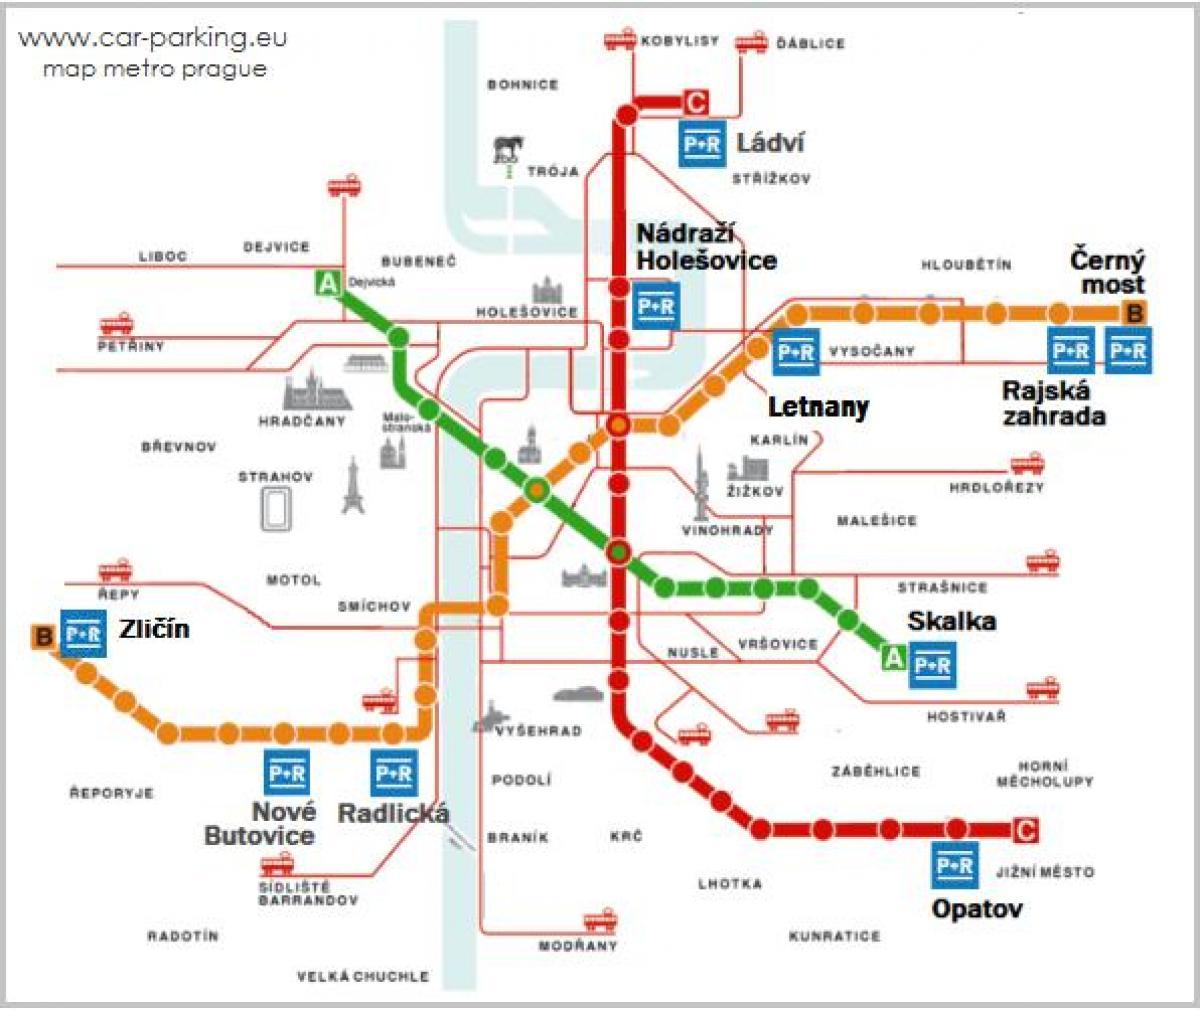 Prag Karte Offentliche Verkehrsmittel.Park Ride Prager Karte Prag Park Ride Karte Bohmen